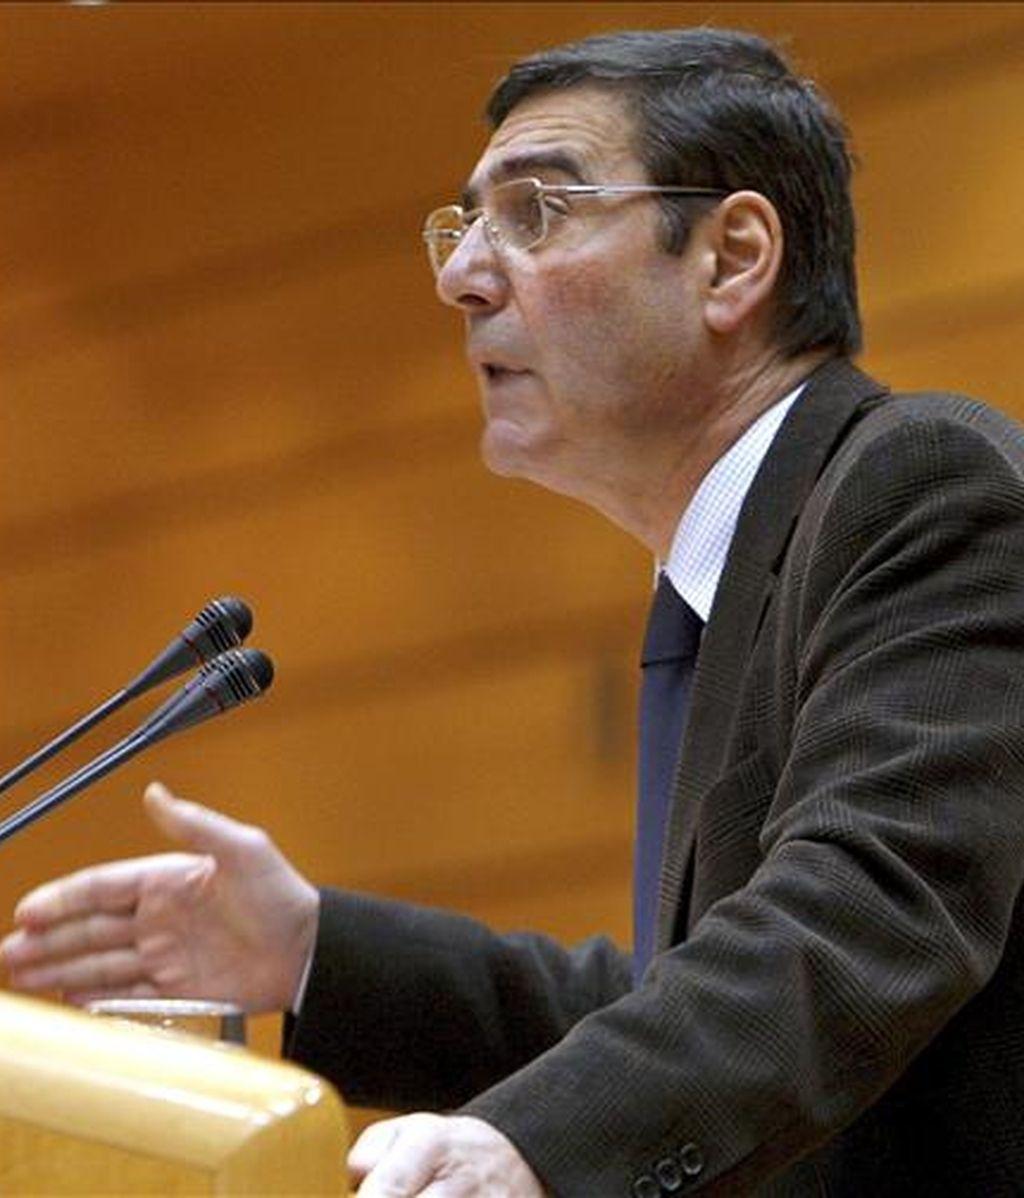 El portavoz de la Entesa en el Senado, Carles Bonet. EFE/Archivo